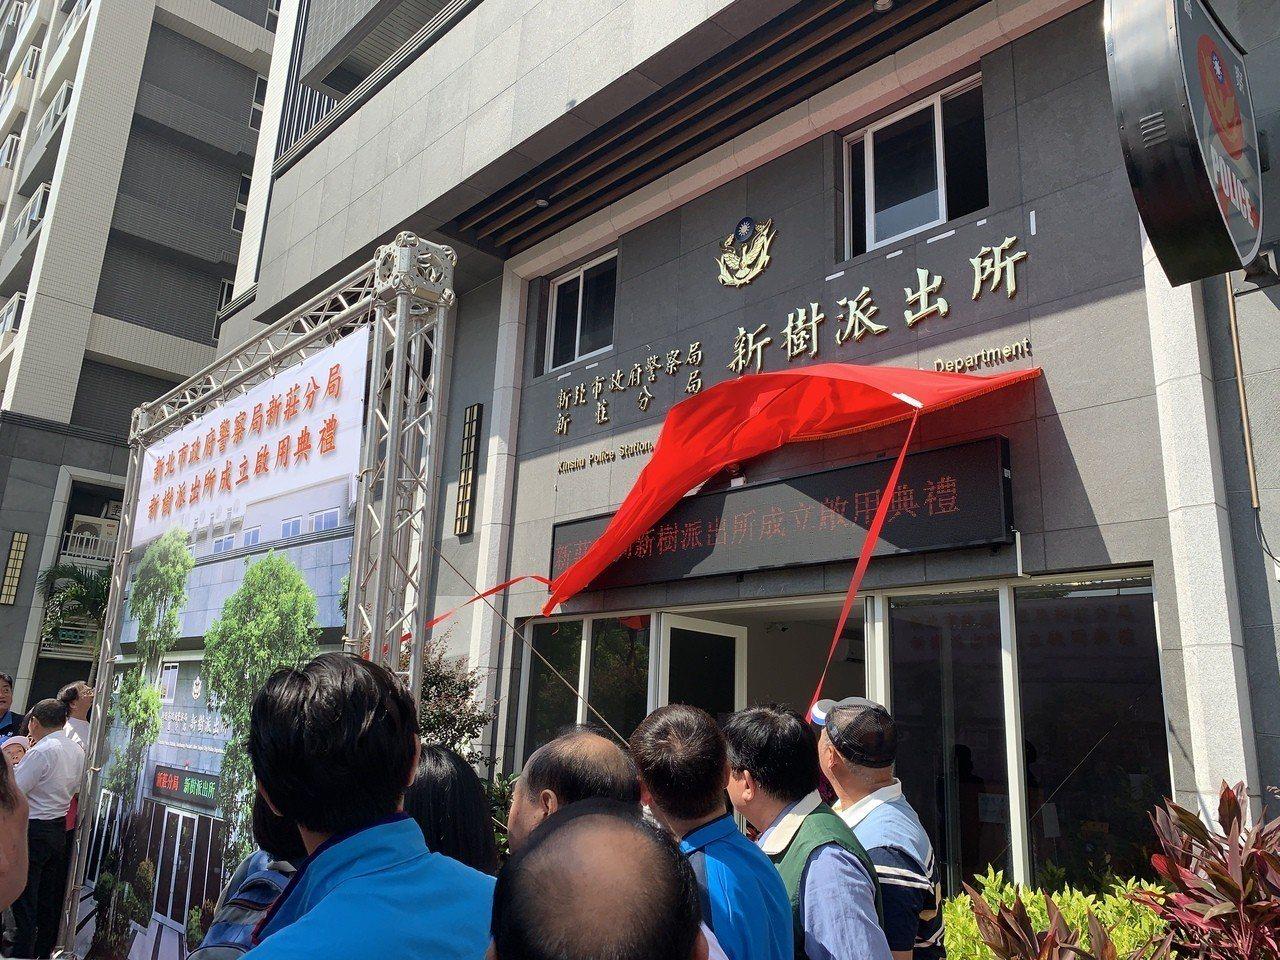 新莊警分局新樹派出所今天上午舉行揭牌啟用儀式。記者巫鴻瑋/攝影